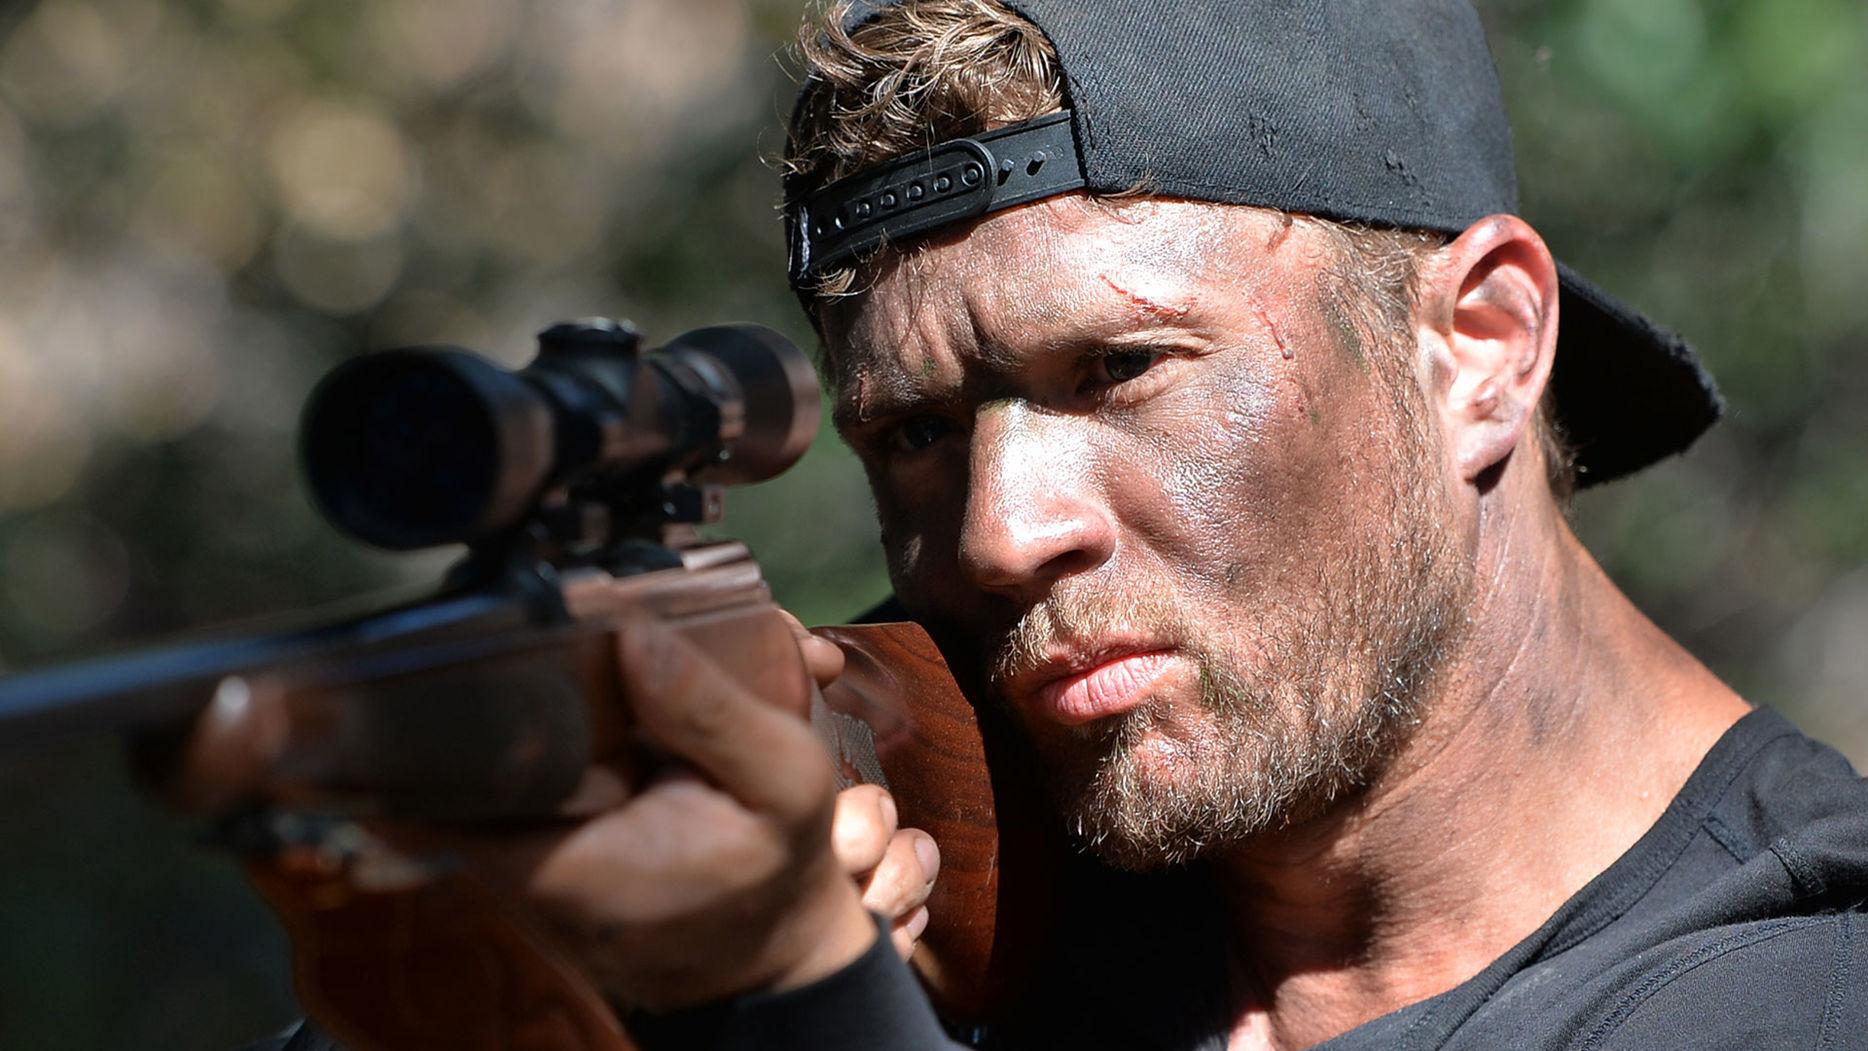 USA's 'Shooter' Renewed for Season 3